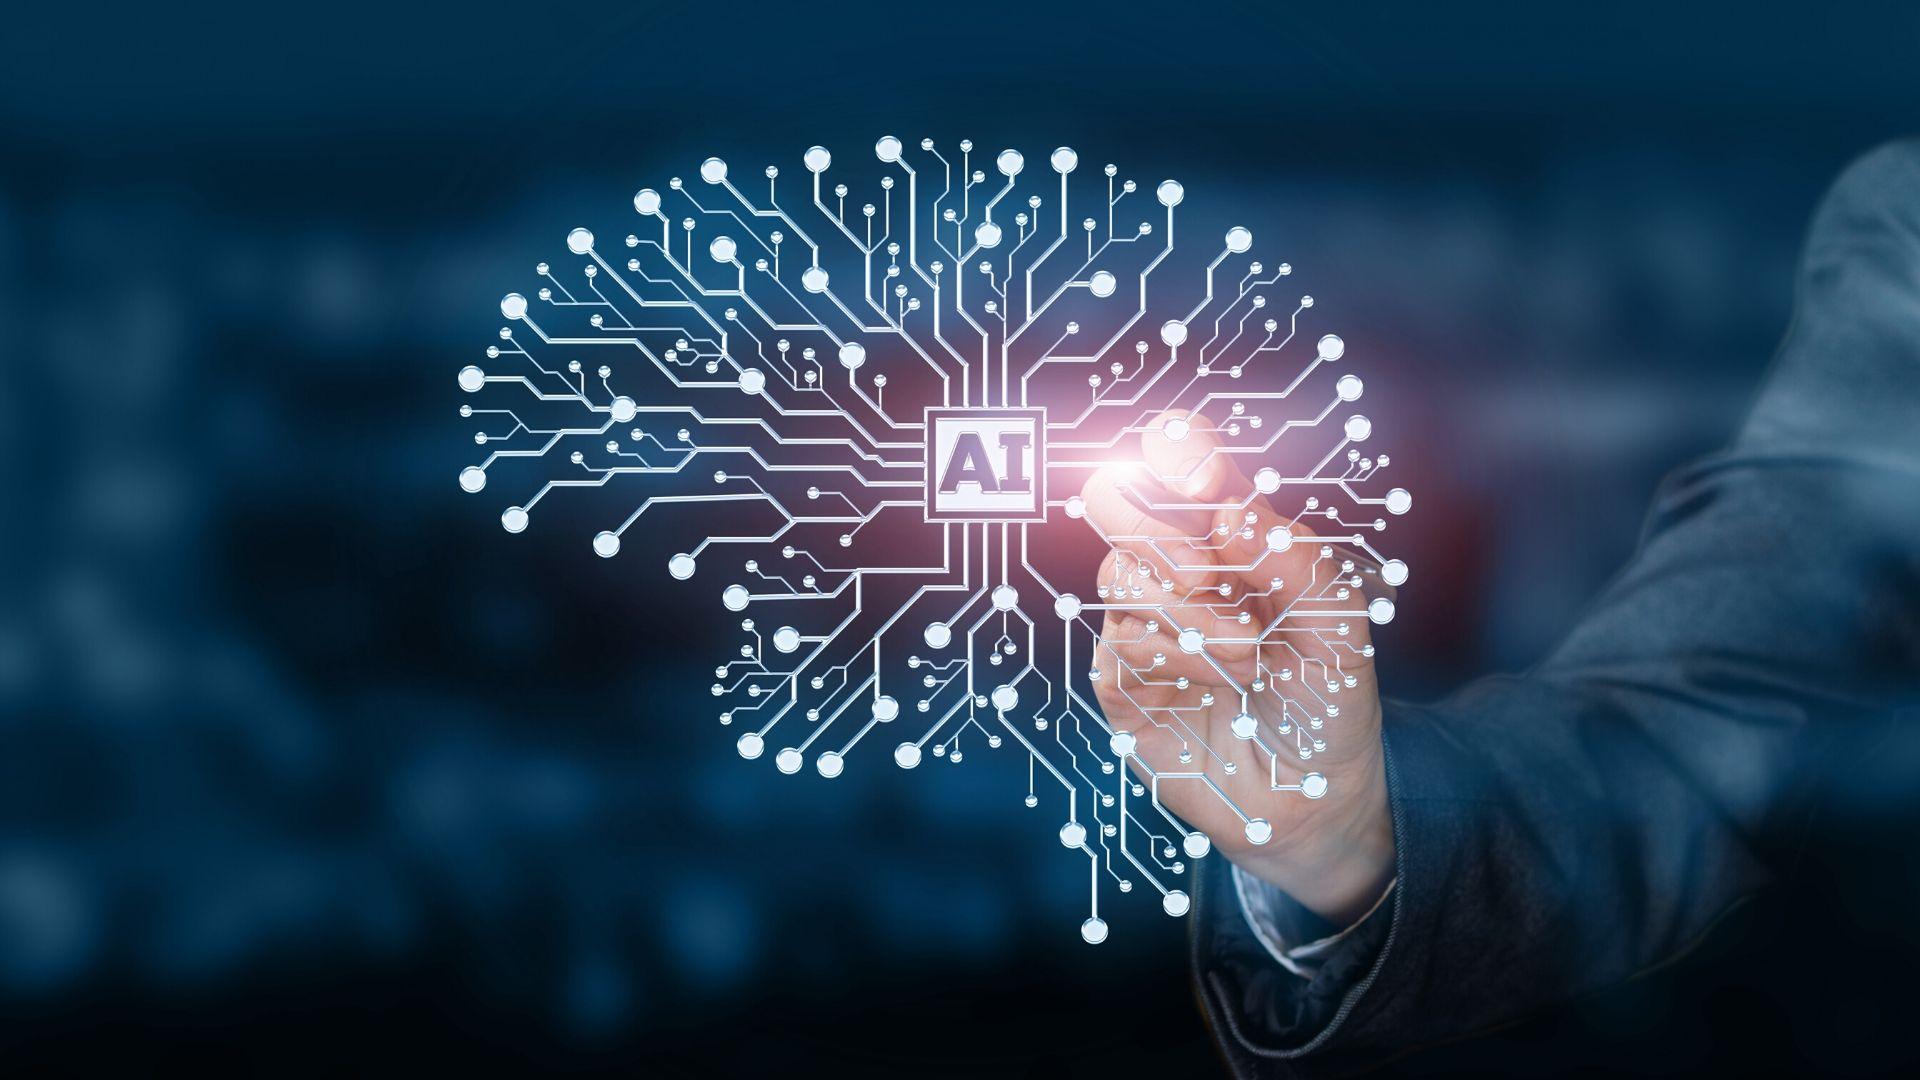 L'intelligence artificielle serait à l'origine de faux profils sur Facebook